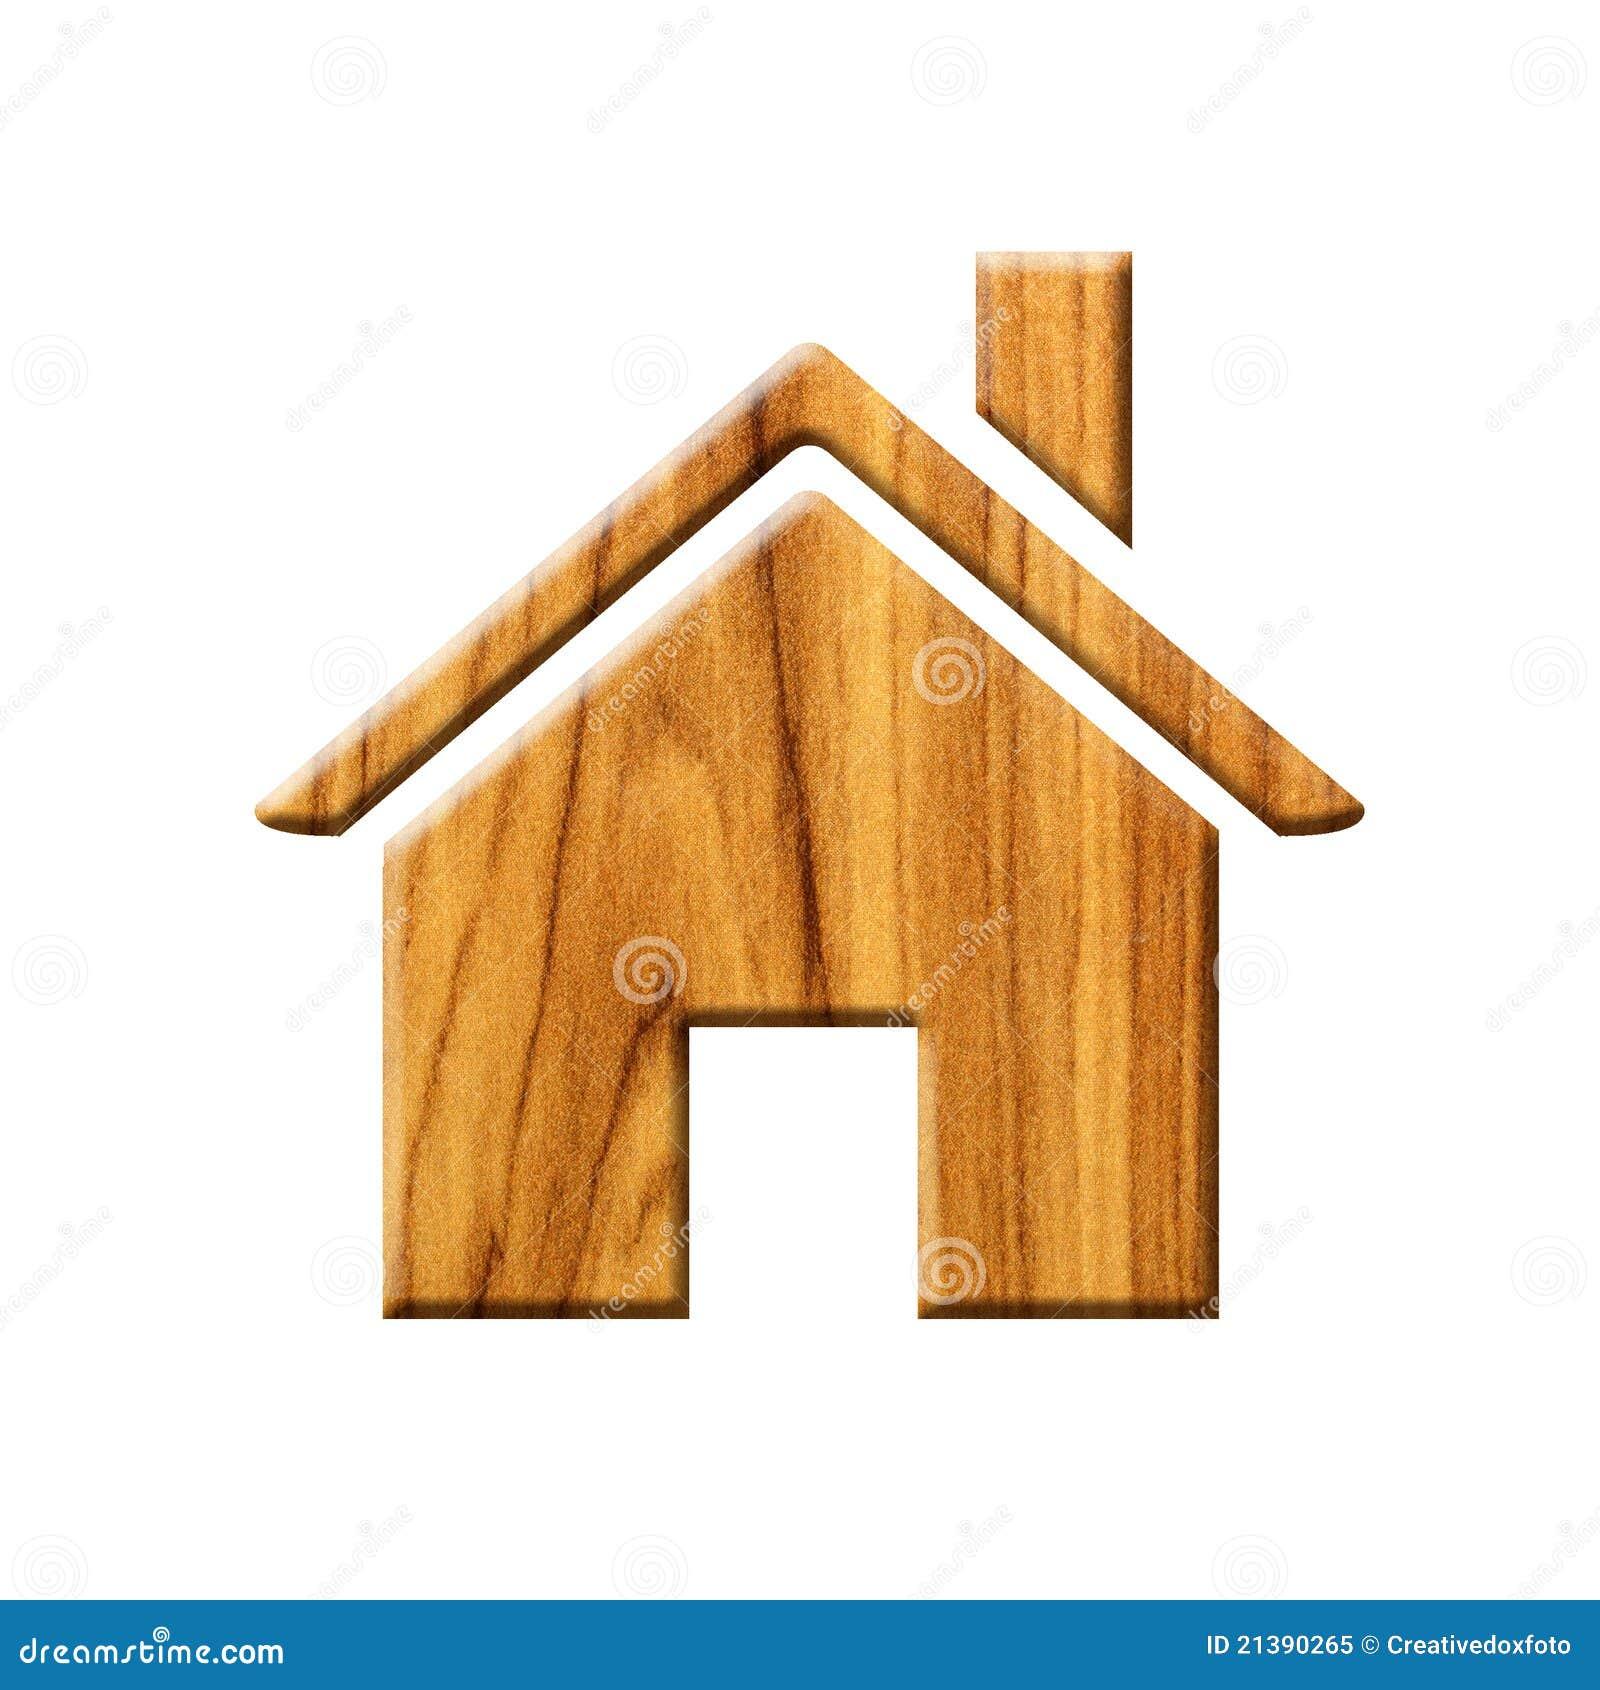 Icono de madera de la casa foto de archivo libre de - La casa de la madera ...